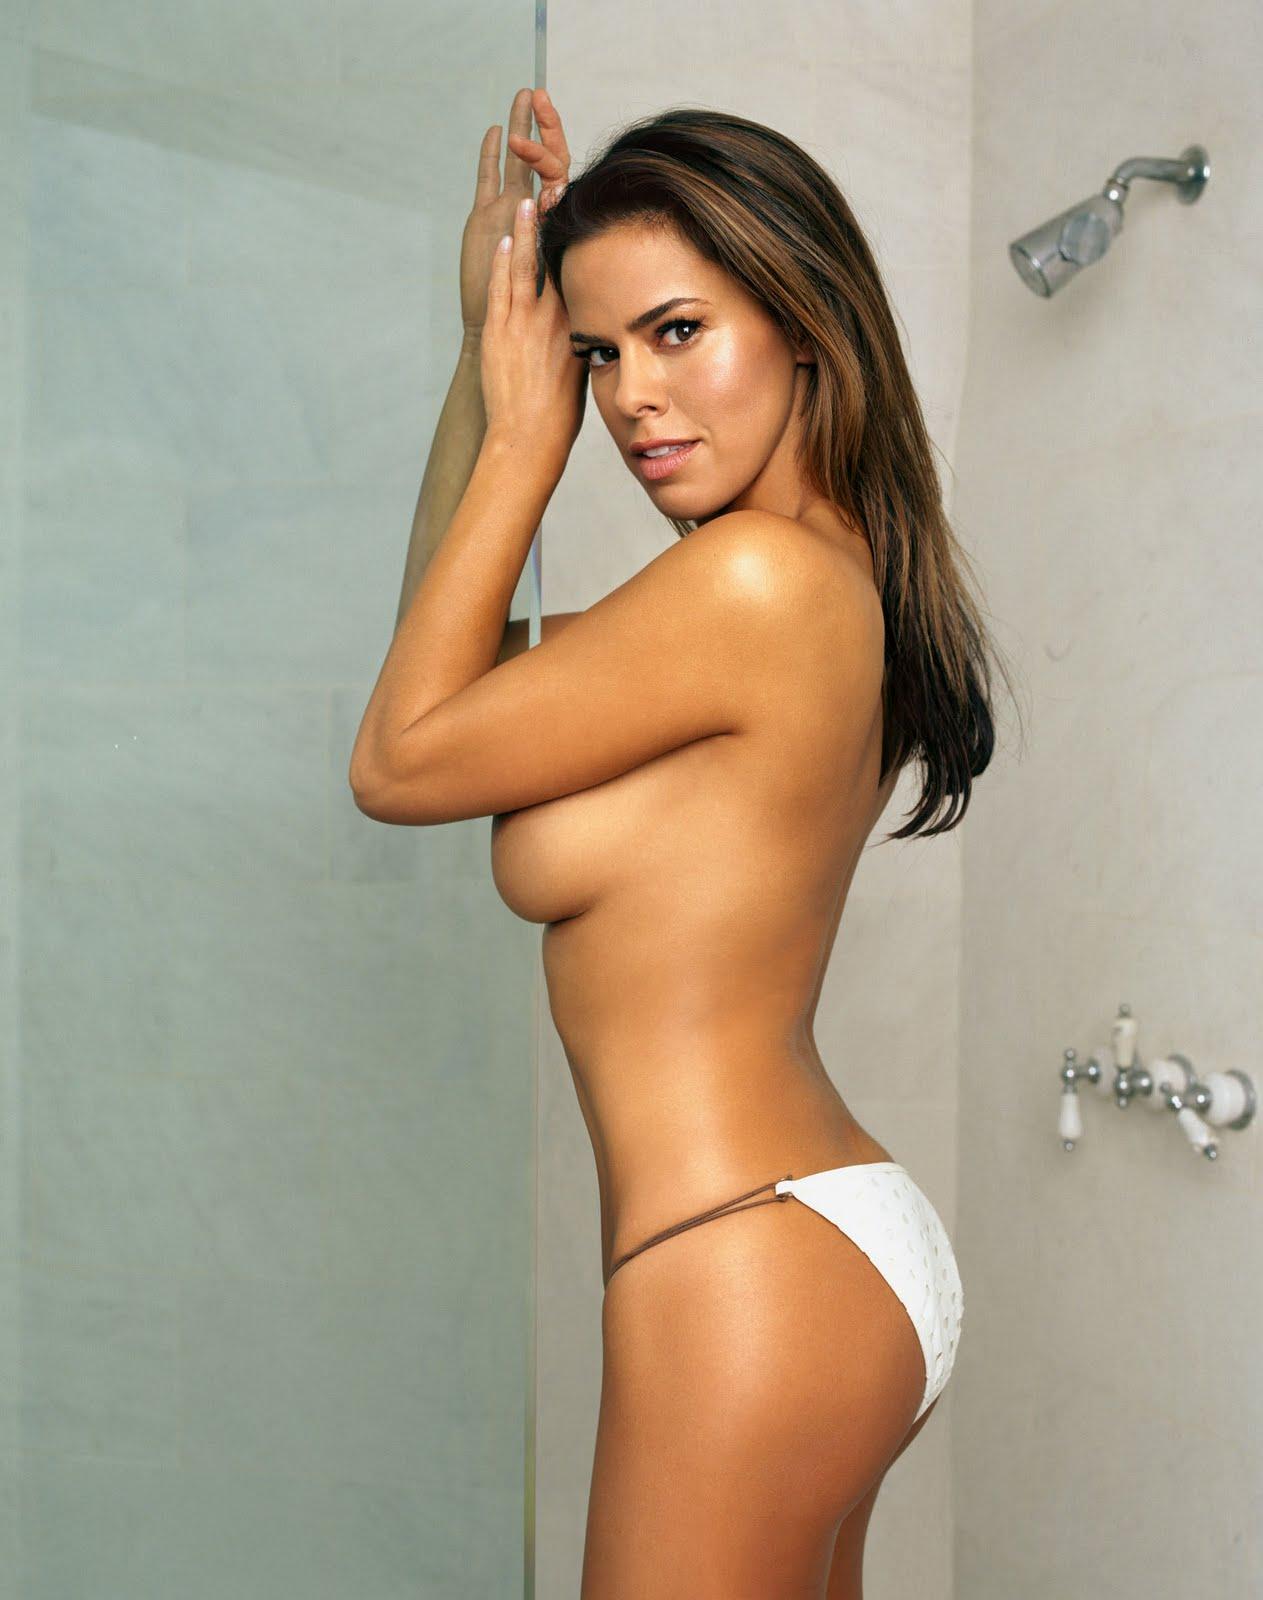 espn beauty secretly videotaped nude